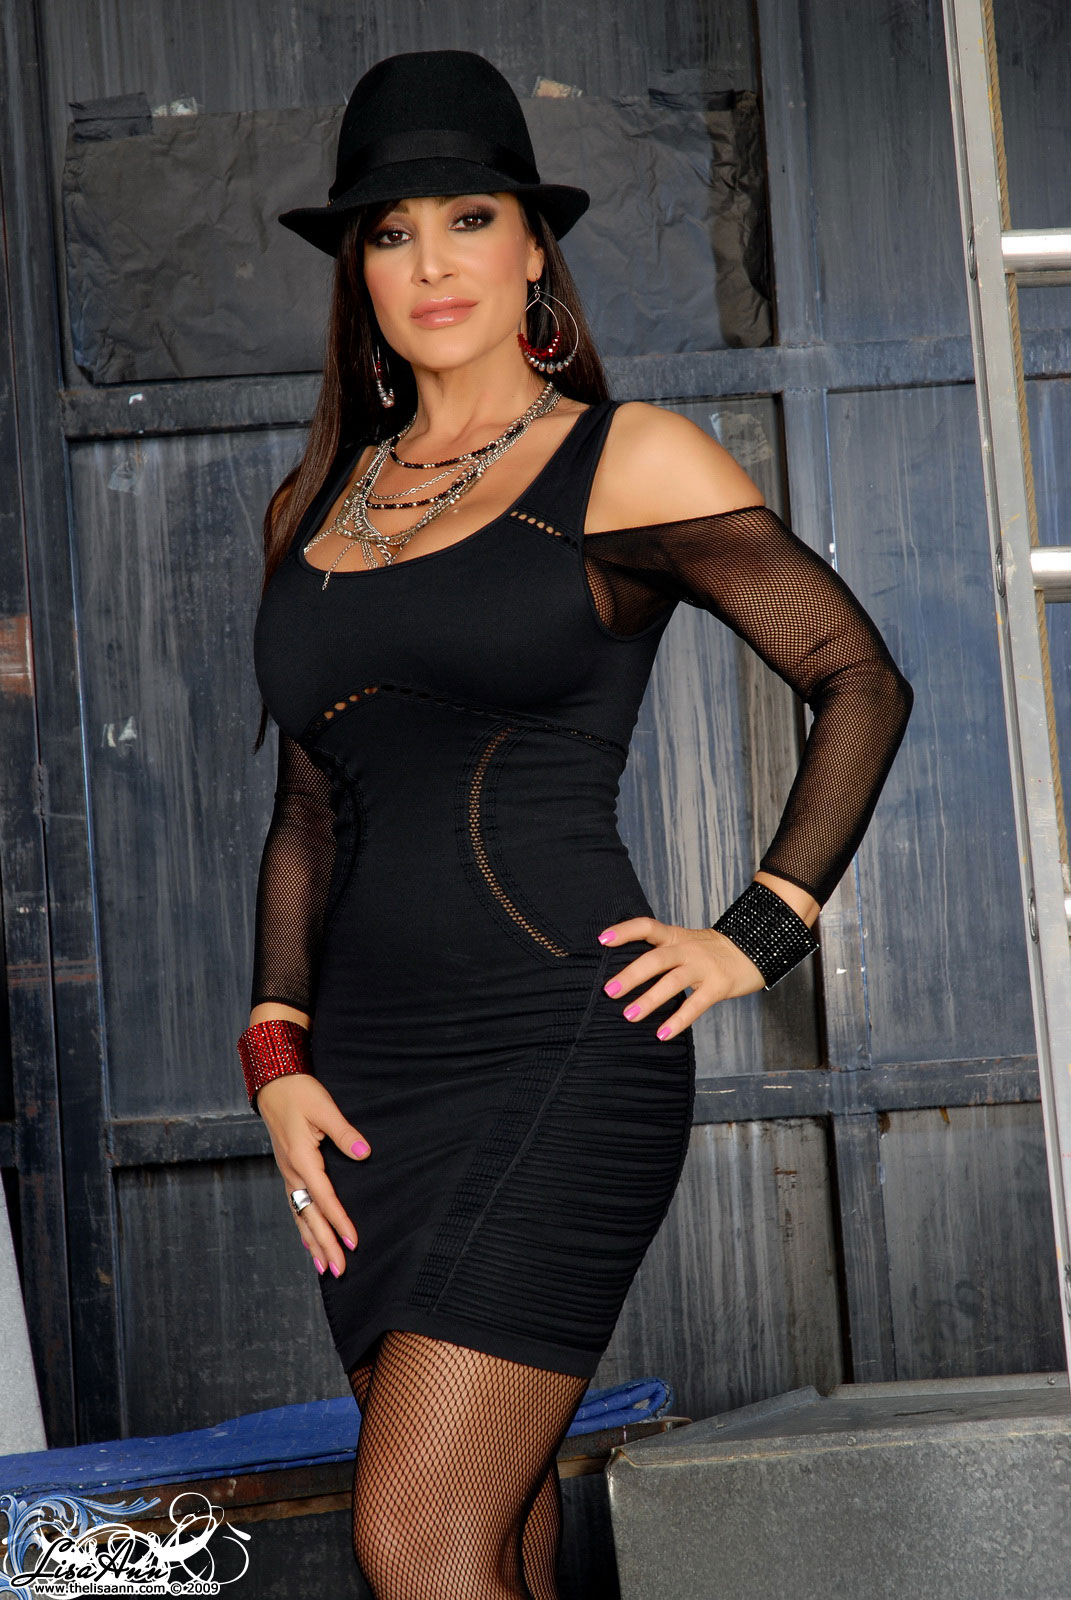 Lisa Ann Red Coat - LISA ANN - The Gorgeous Pornstar